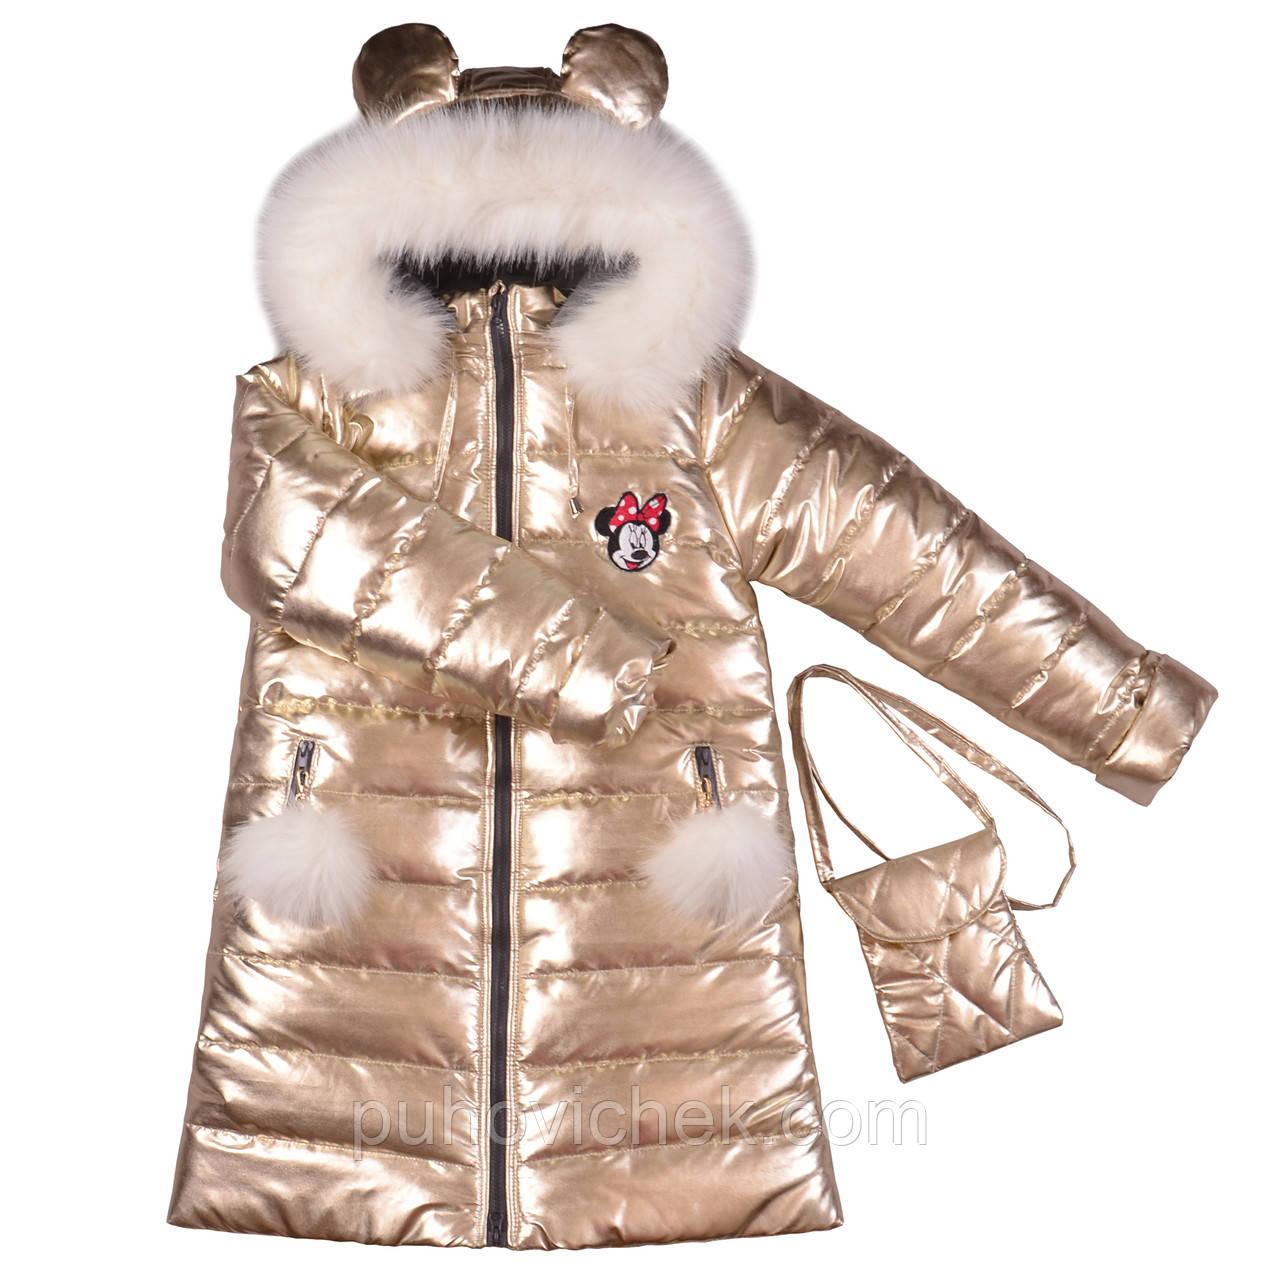 Дитяча зимова куртка для дівчинки блискуча з сумочкою